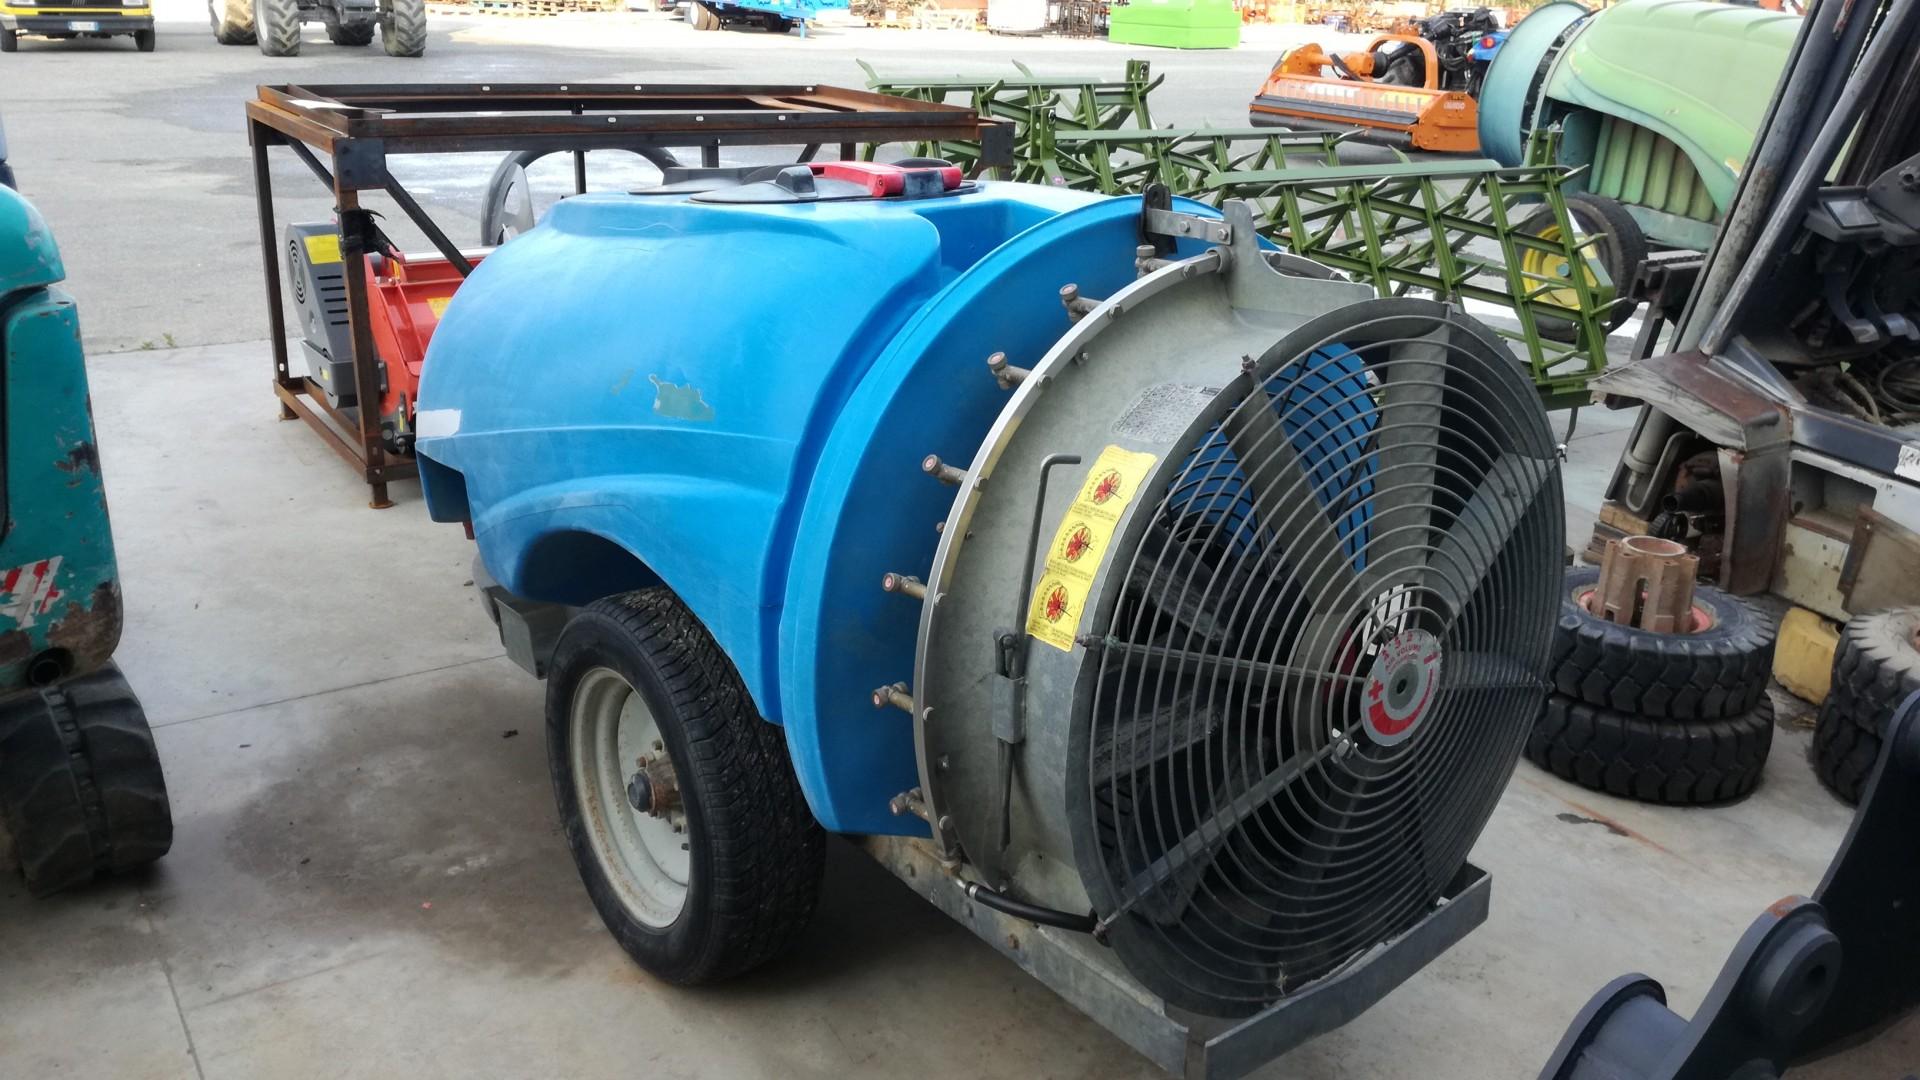 Atomizzatore usato tifone vento 1000 profilo destro con ventola vista